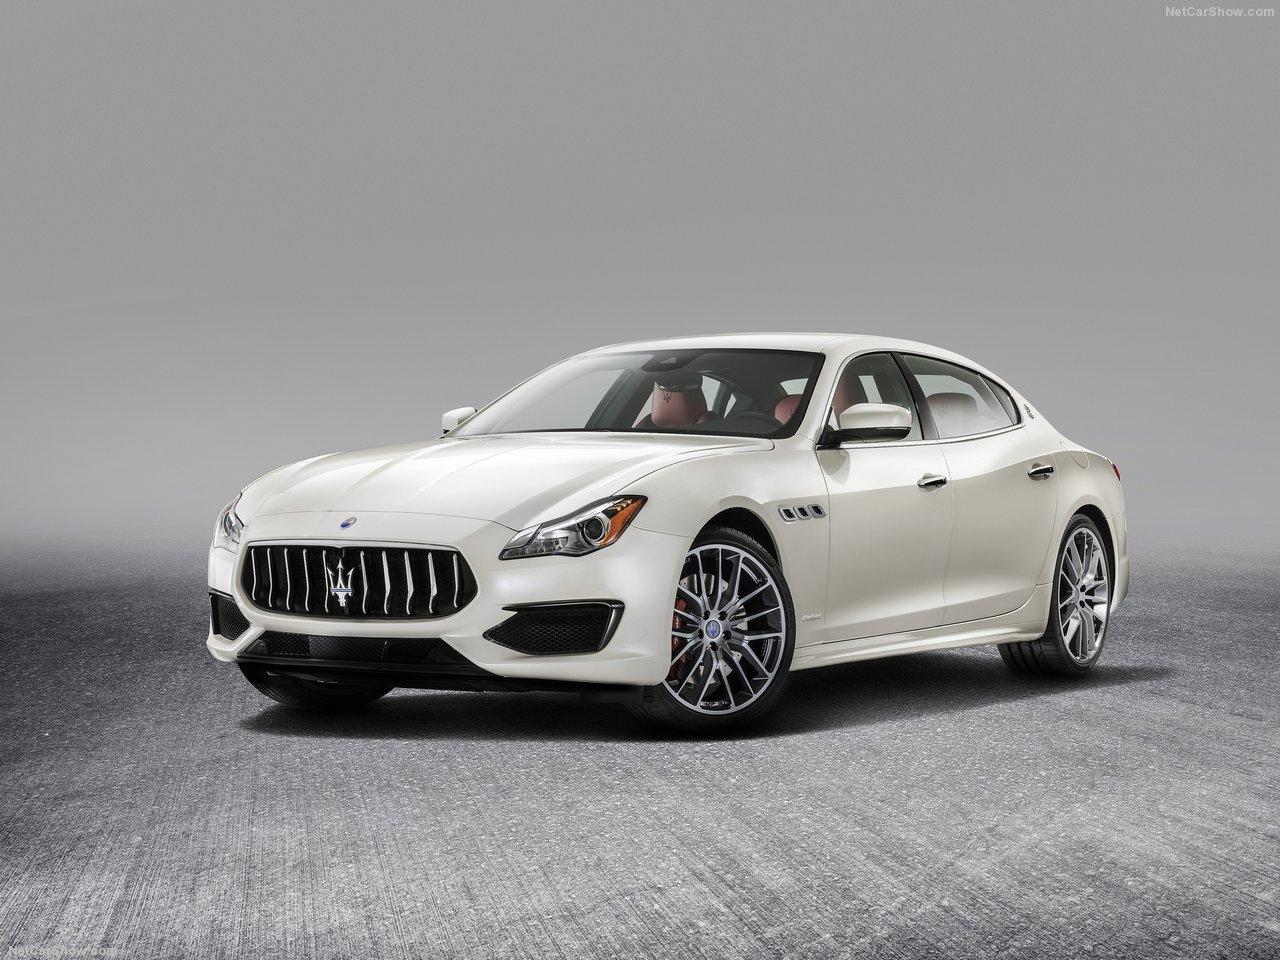 Maserati-Quattroporte-2017-1280-02